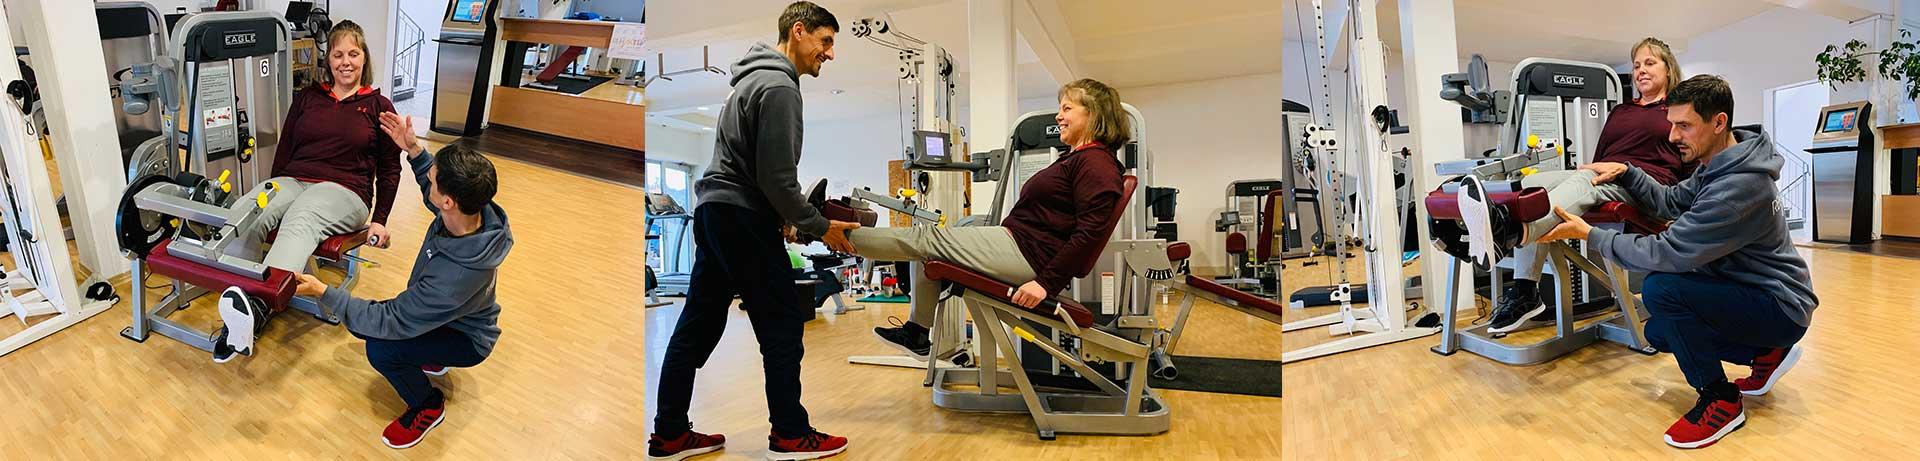 Knie-Hüfte OP Vermeidung mit FPZ-Training im Rehaktiv Engelskirchen